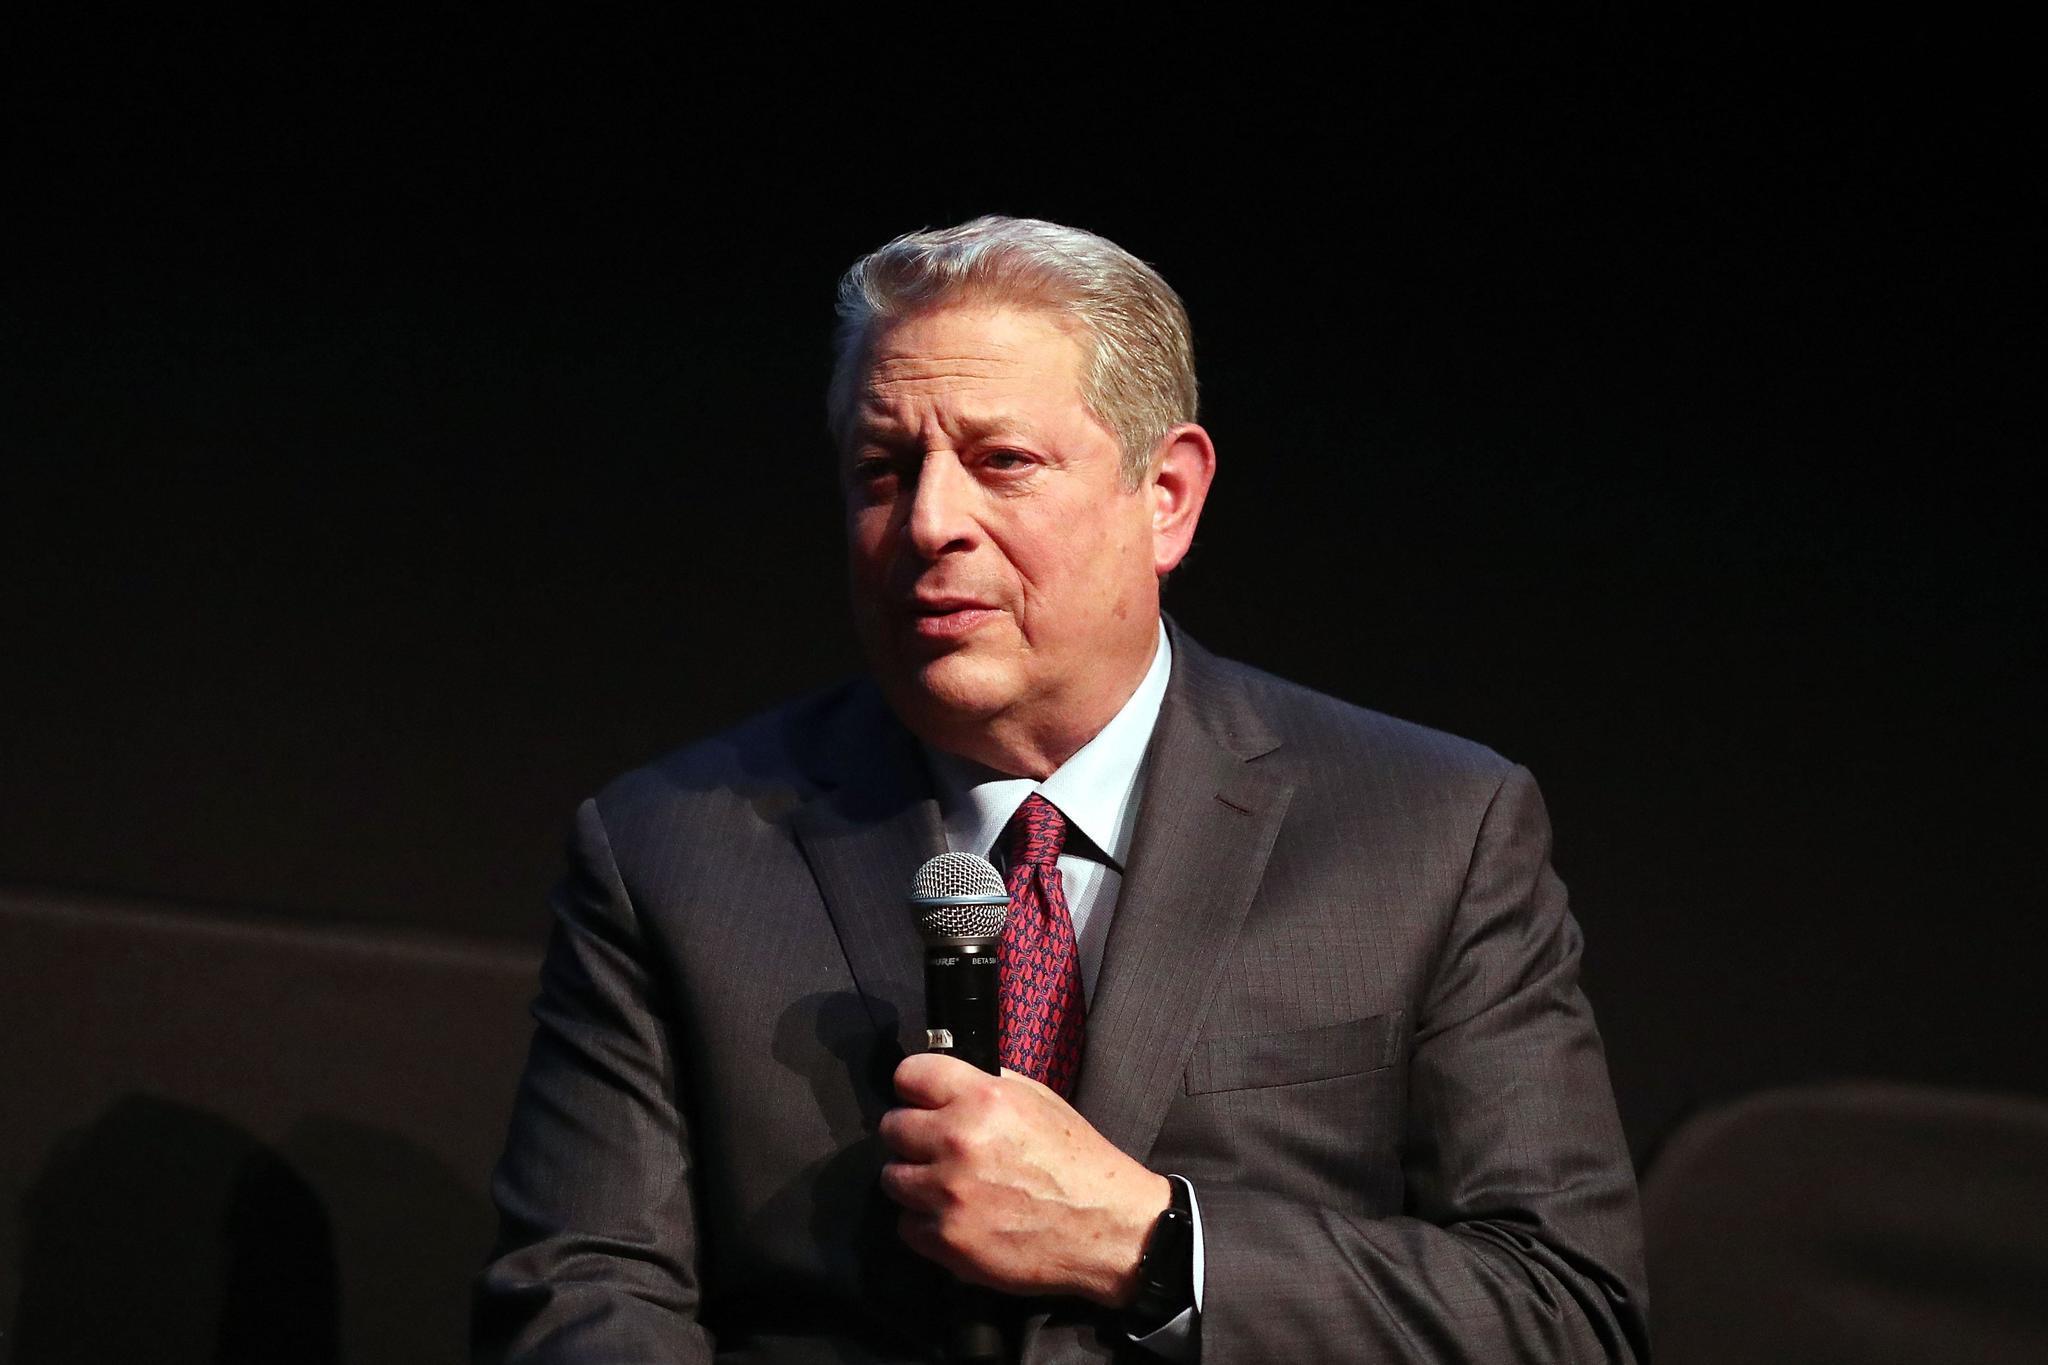 Al Gore, Film and Climate Crisis